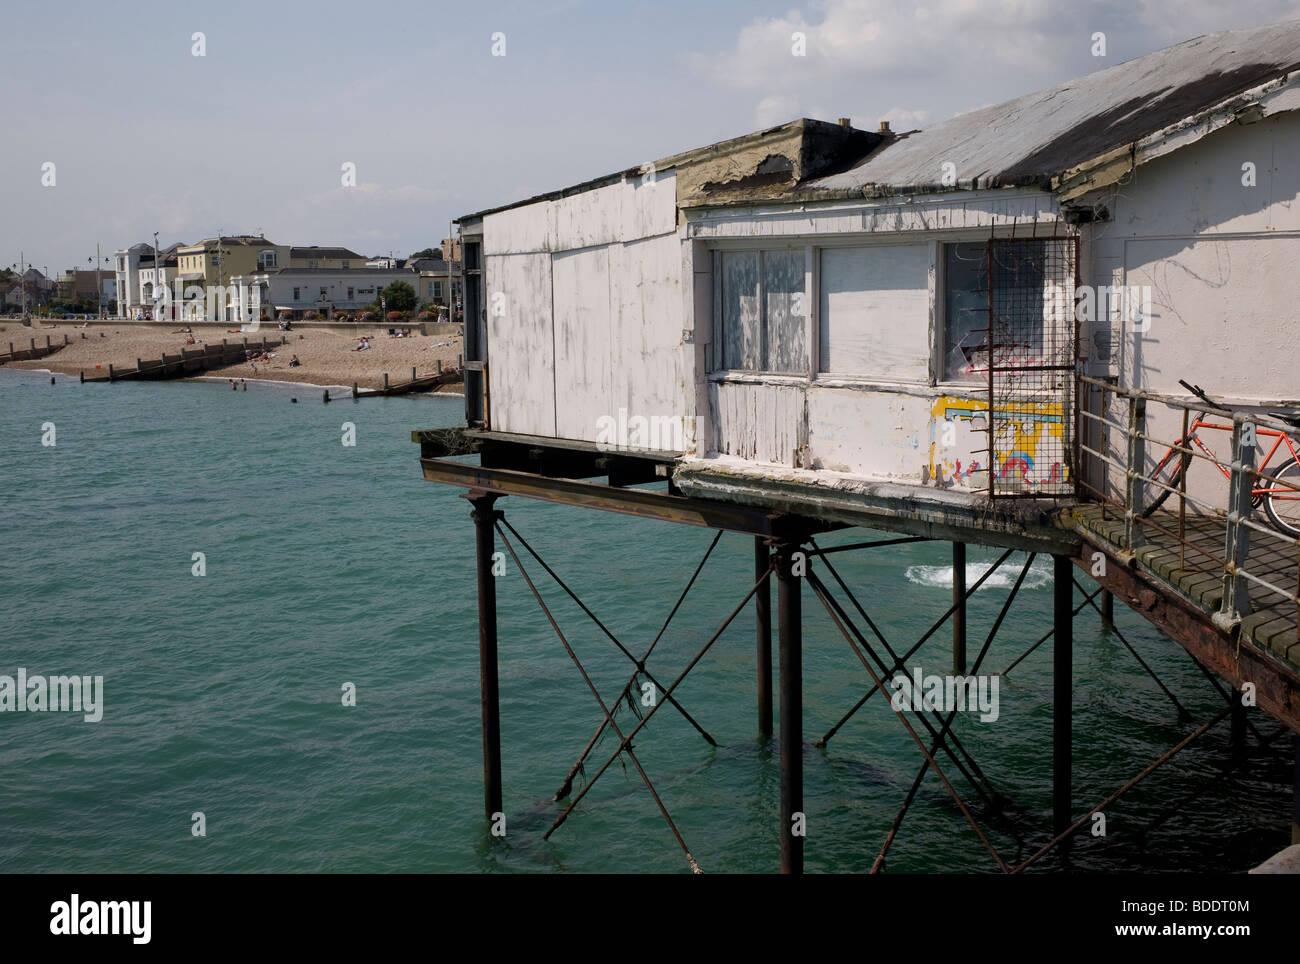 Shabby pier at Bognor Regis, UK - Stock Image